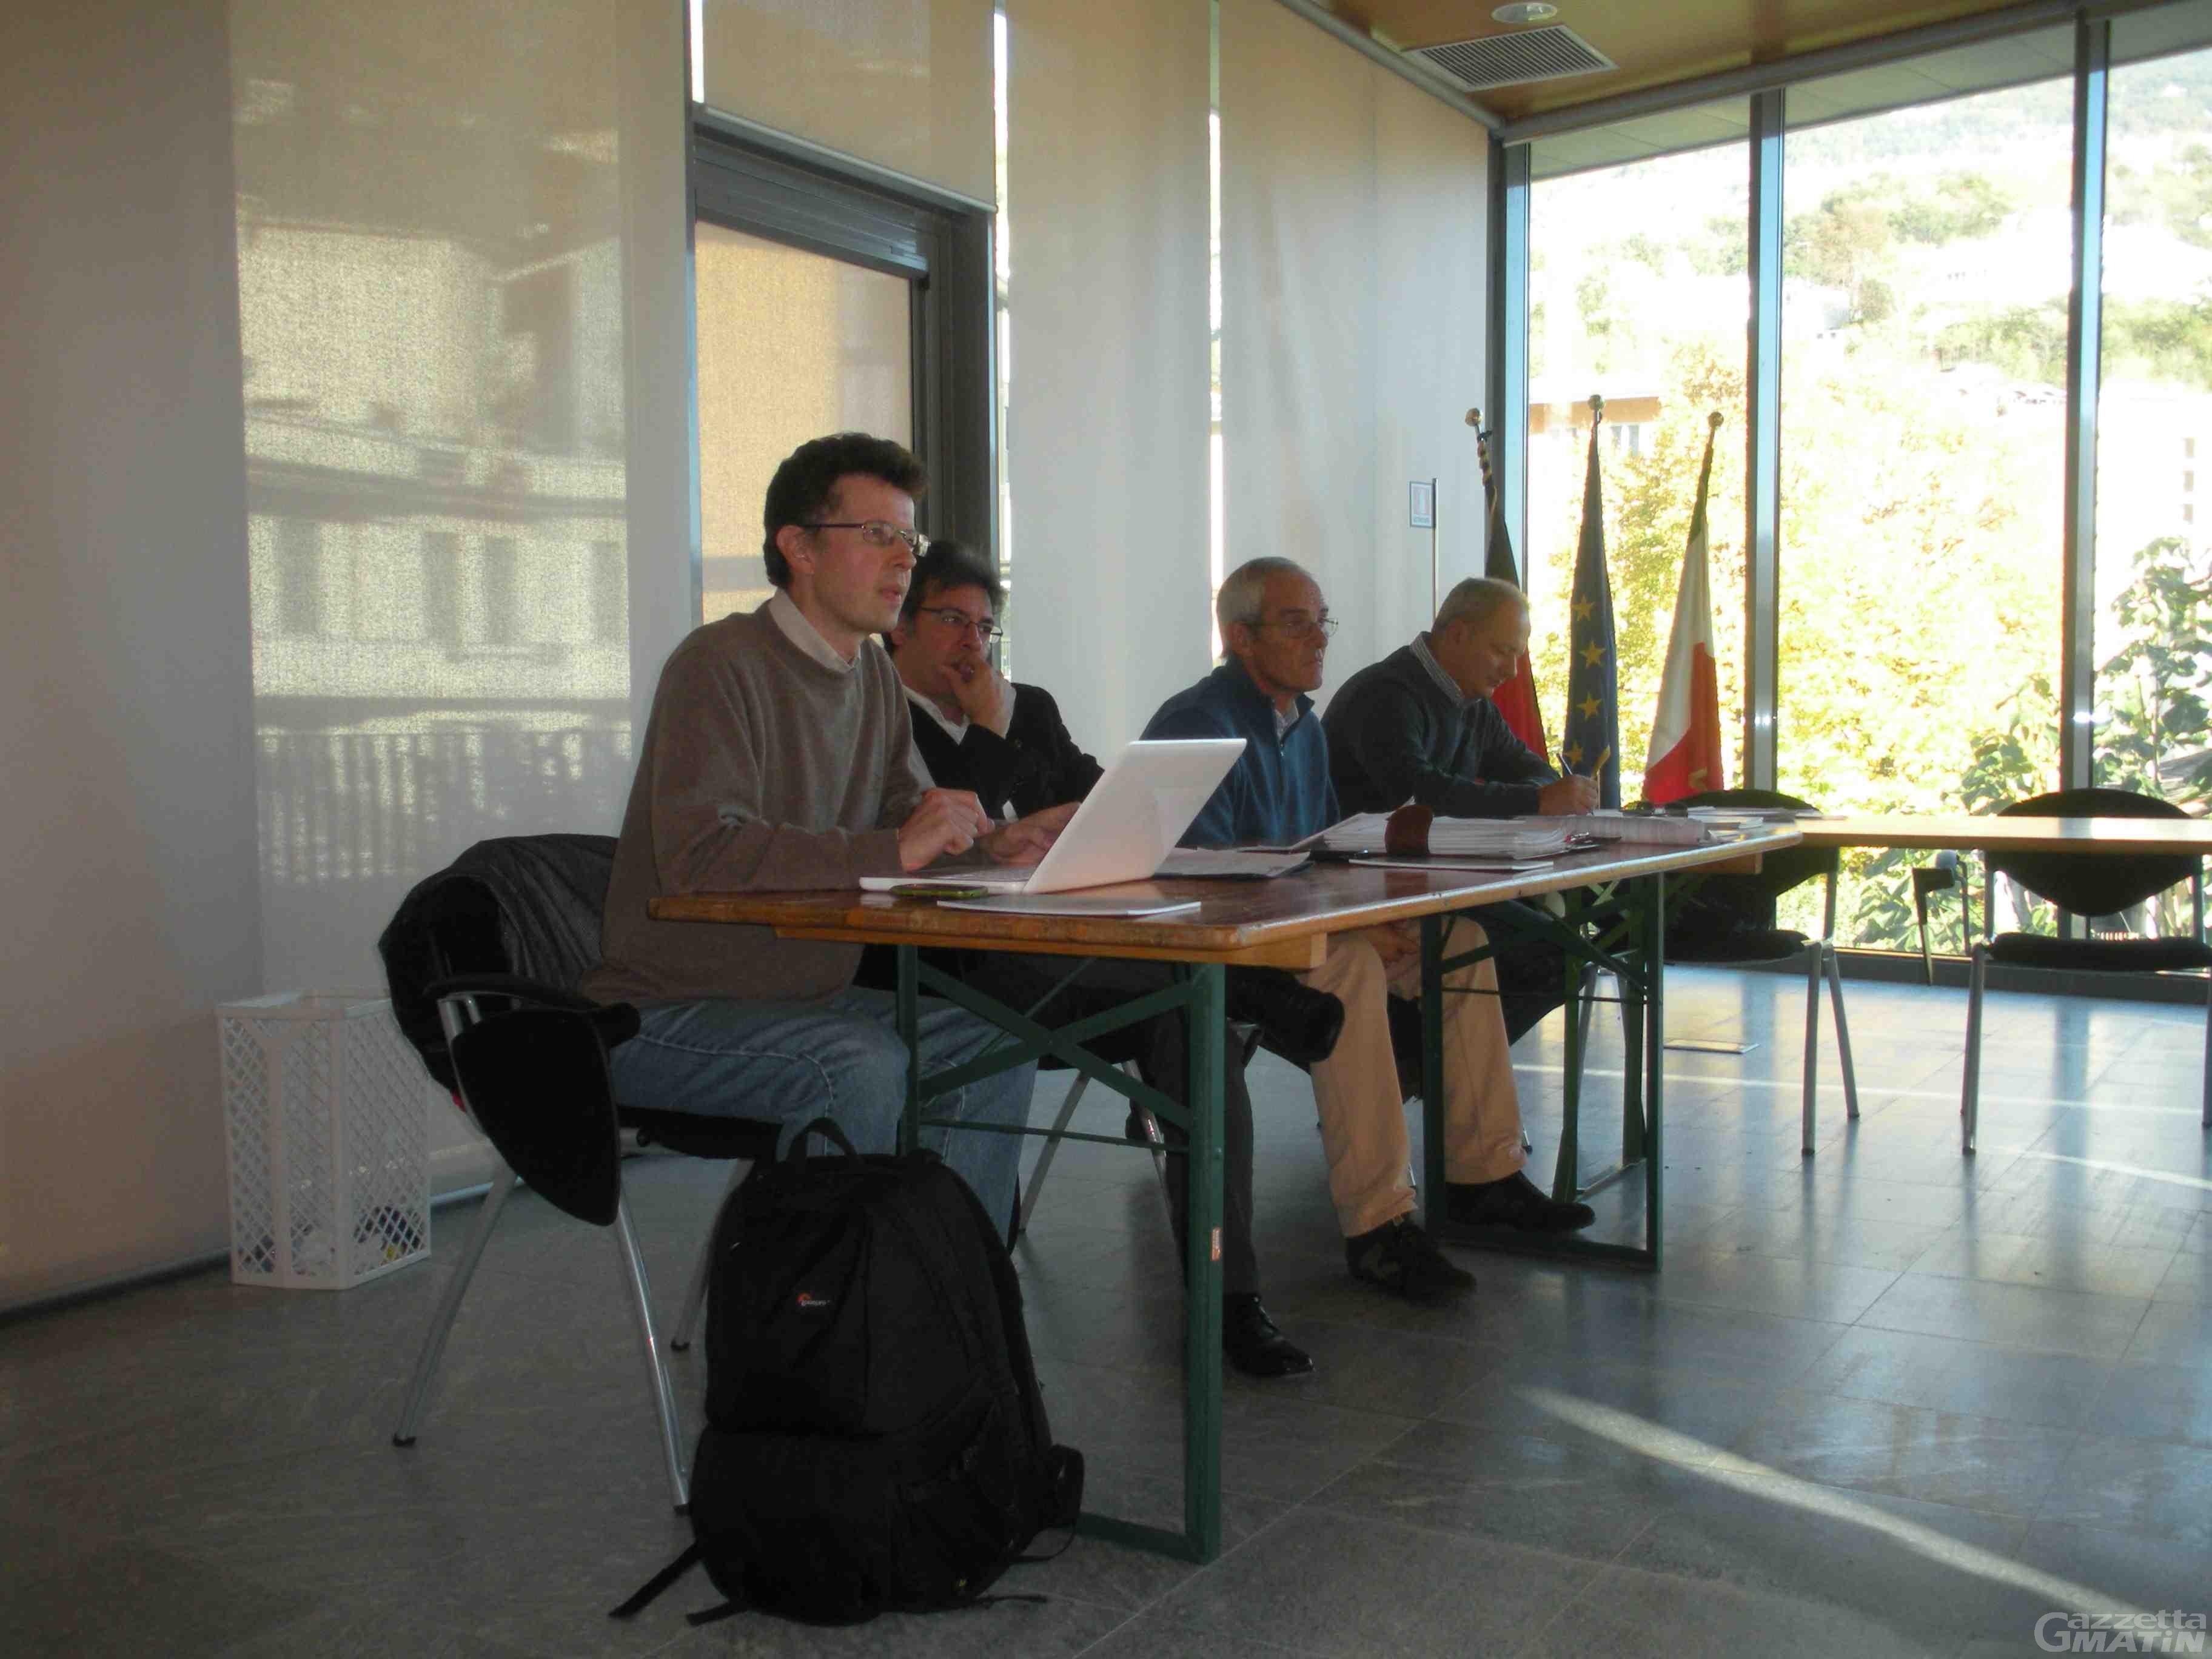 St-Vincent, la minoranza teme la chiusura del liceo scientifico